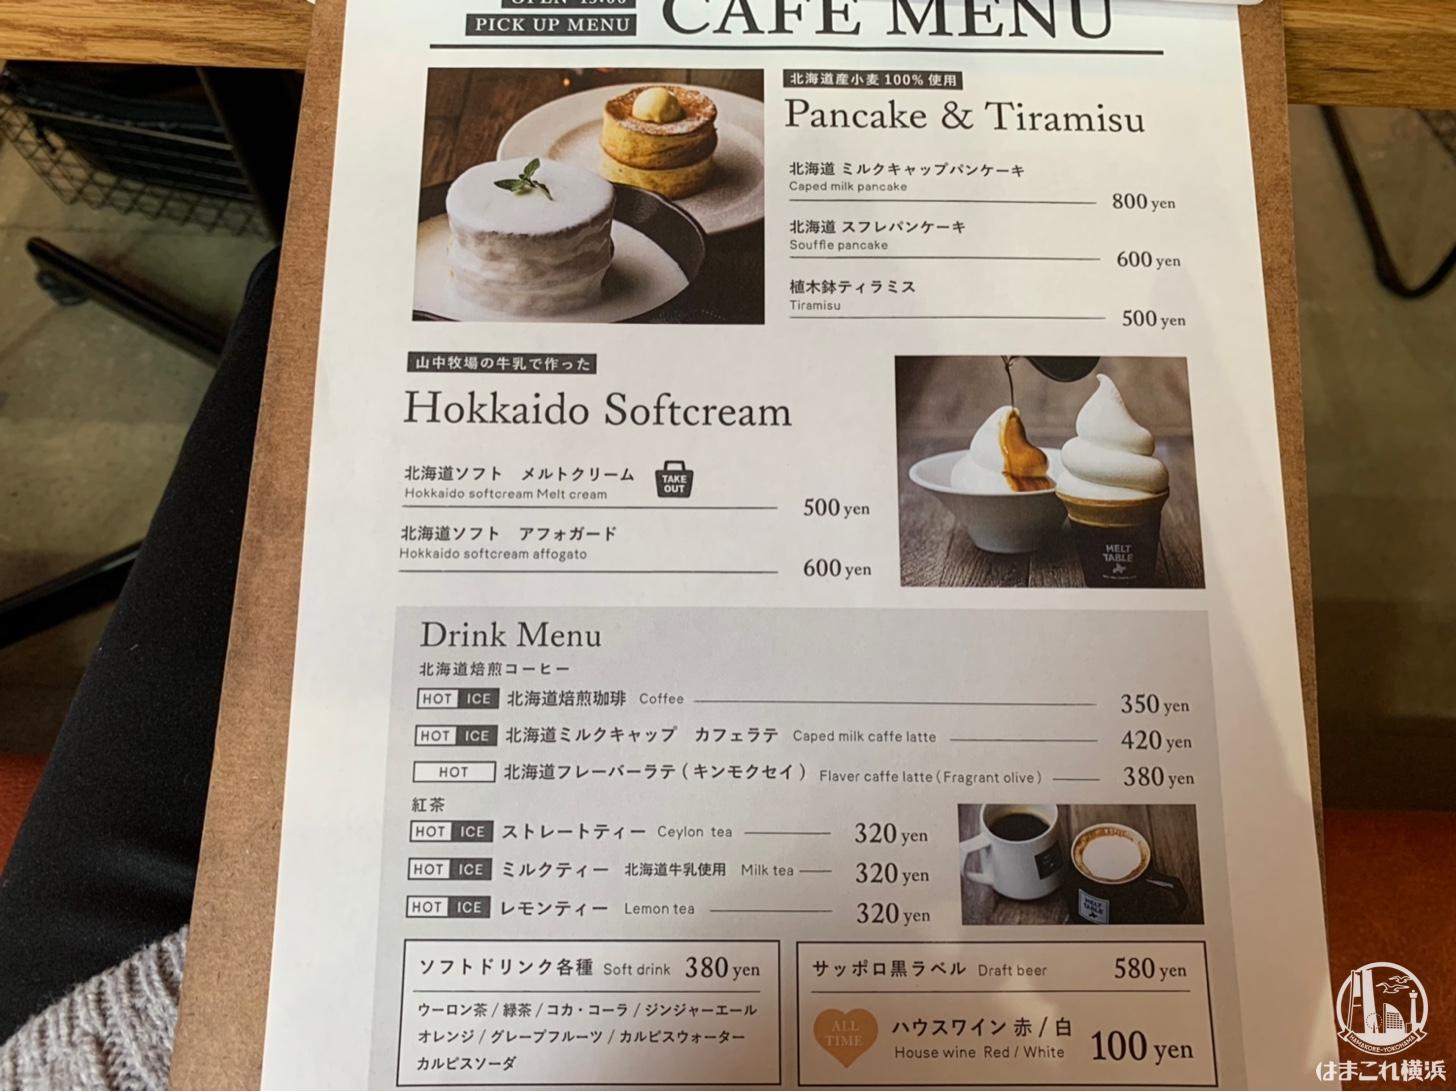 北海道 メルトテーブル スイーツ・ドリンクメニュー